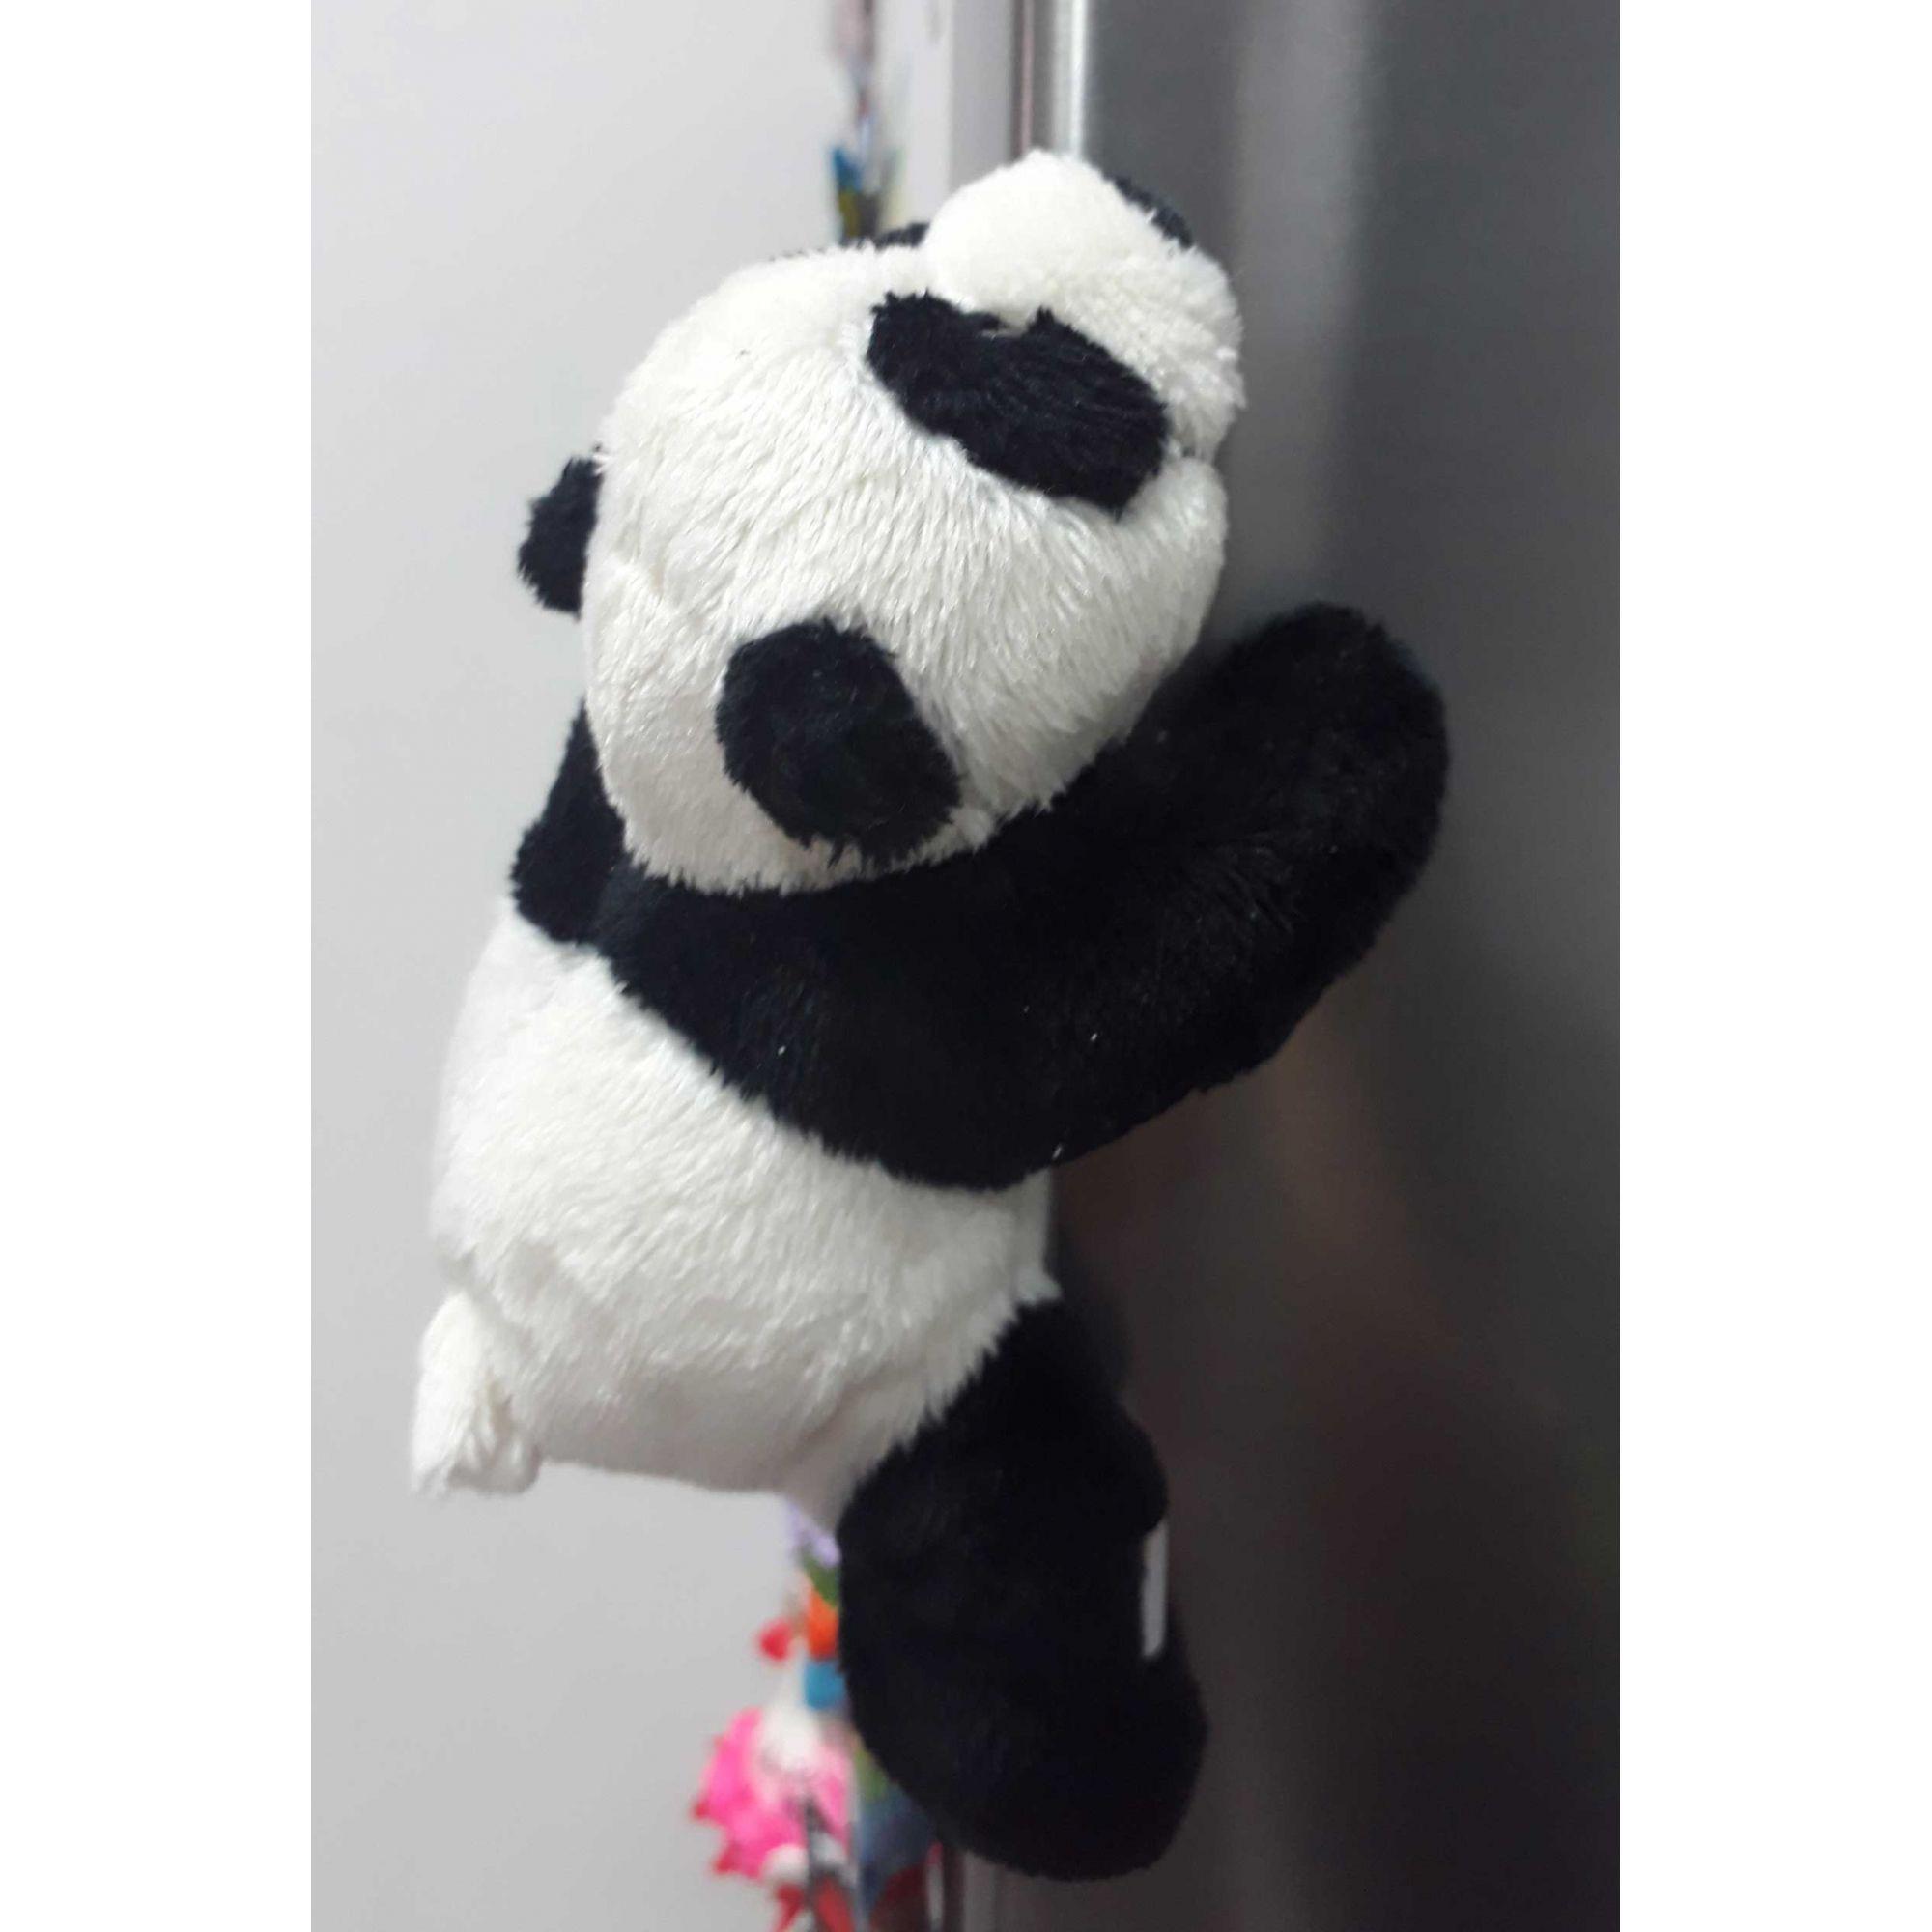 Mini Urso de Pelúcia Panda Nici 12cm com Imã nas patinhas - Ursinho para decoração cortina presente namorada aniversário artesanato enfeite geladeira